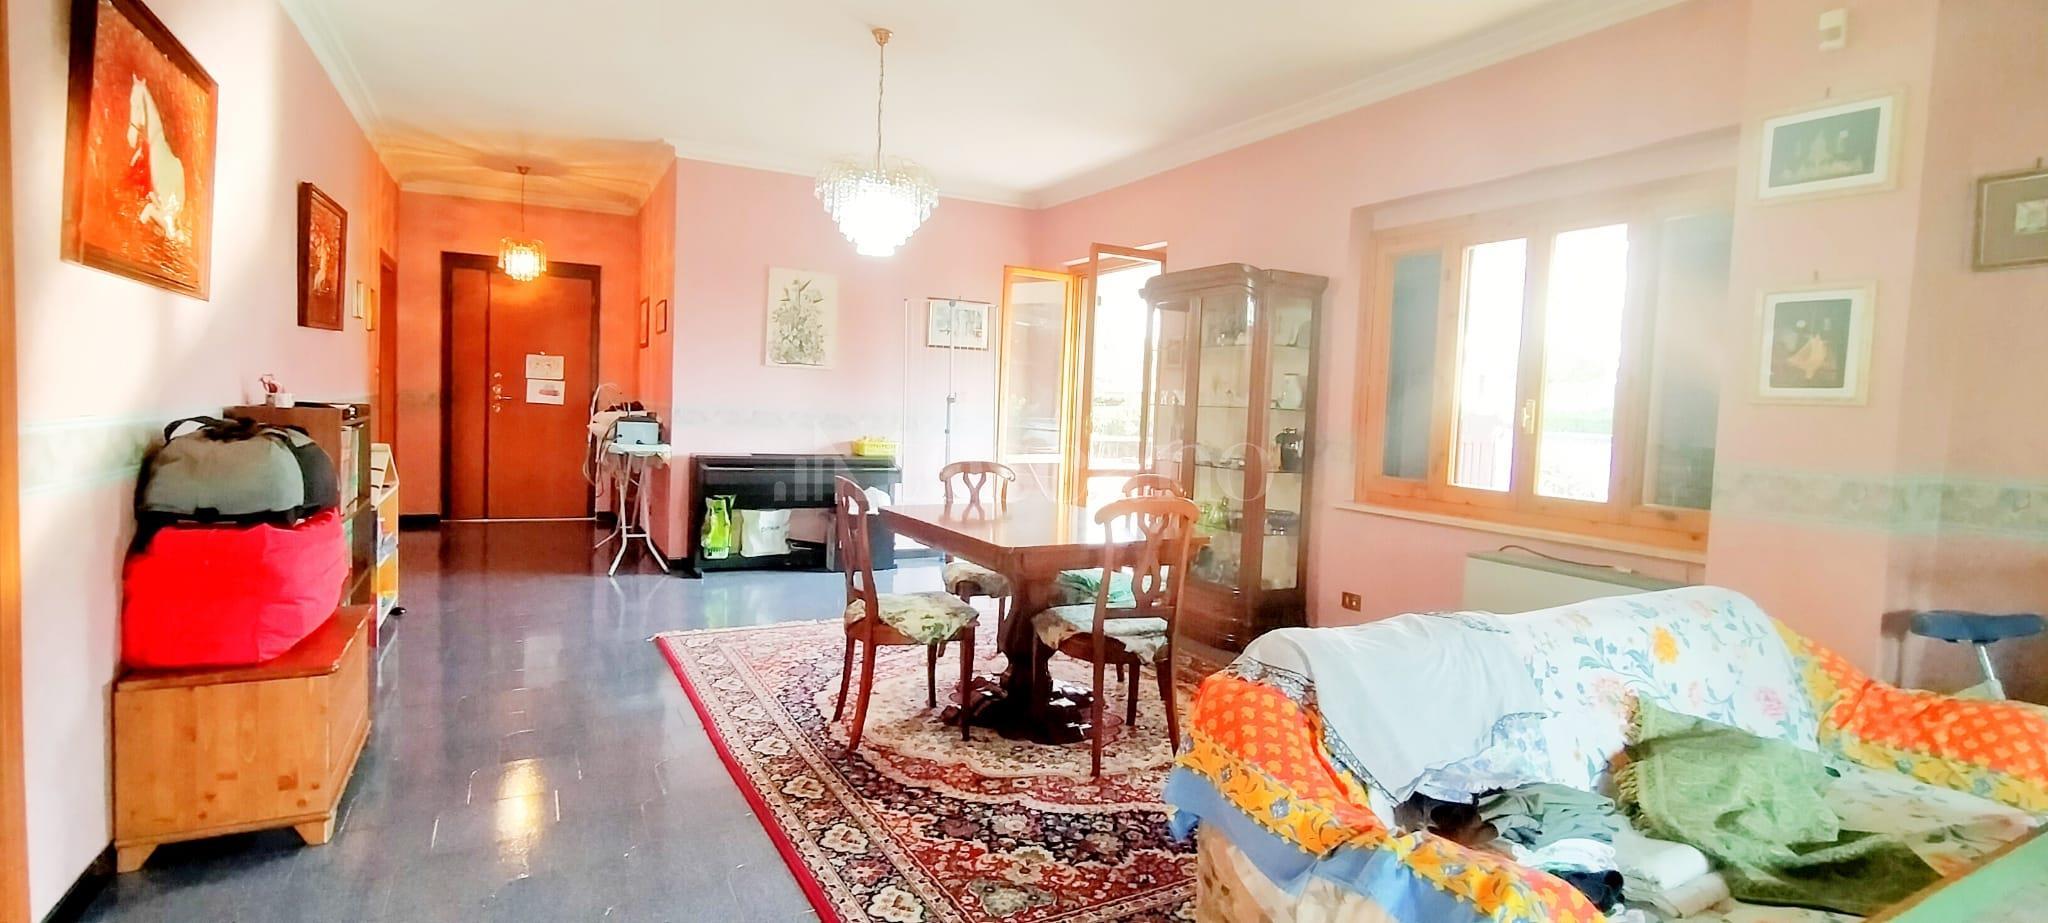 Villa in vendita di 350 mq a €799.000 (rif. 58/2020) immagine 9 di 15